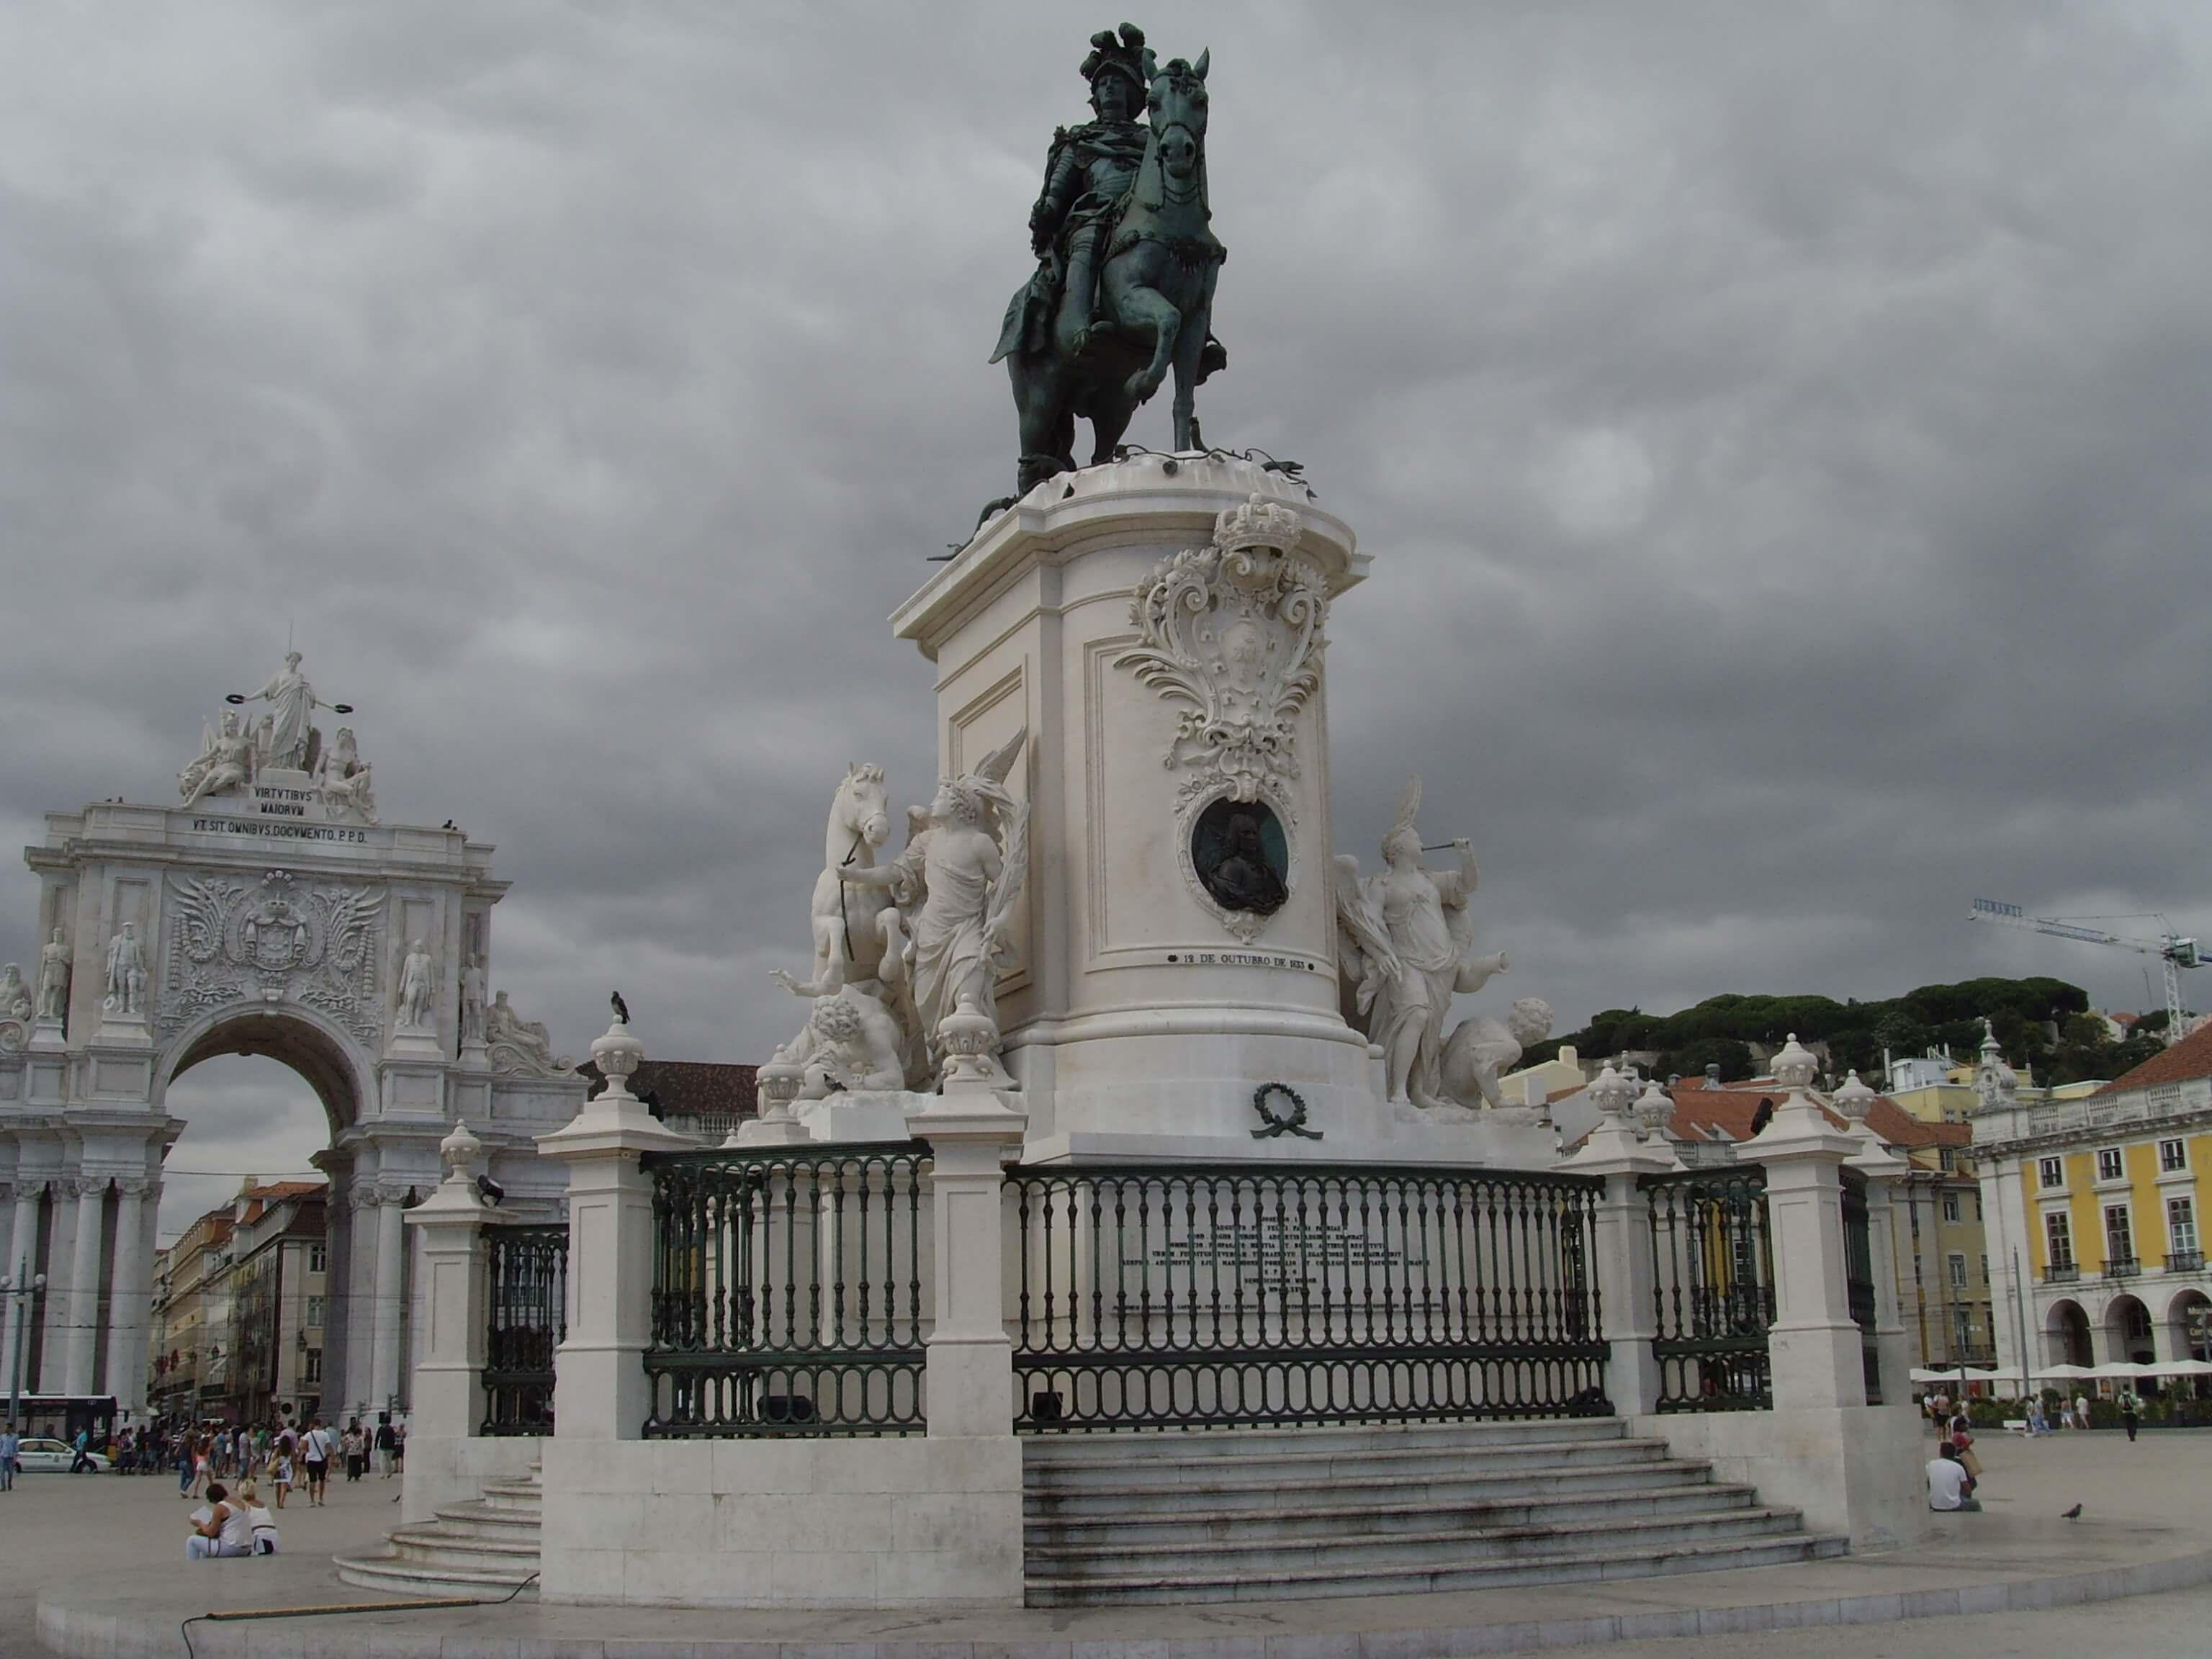 Rondreizen Portugal Lissabon plein